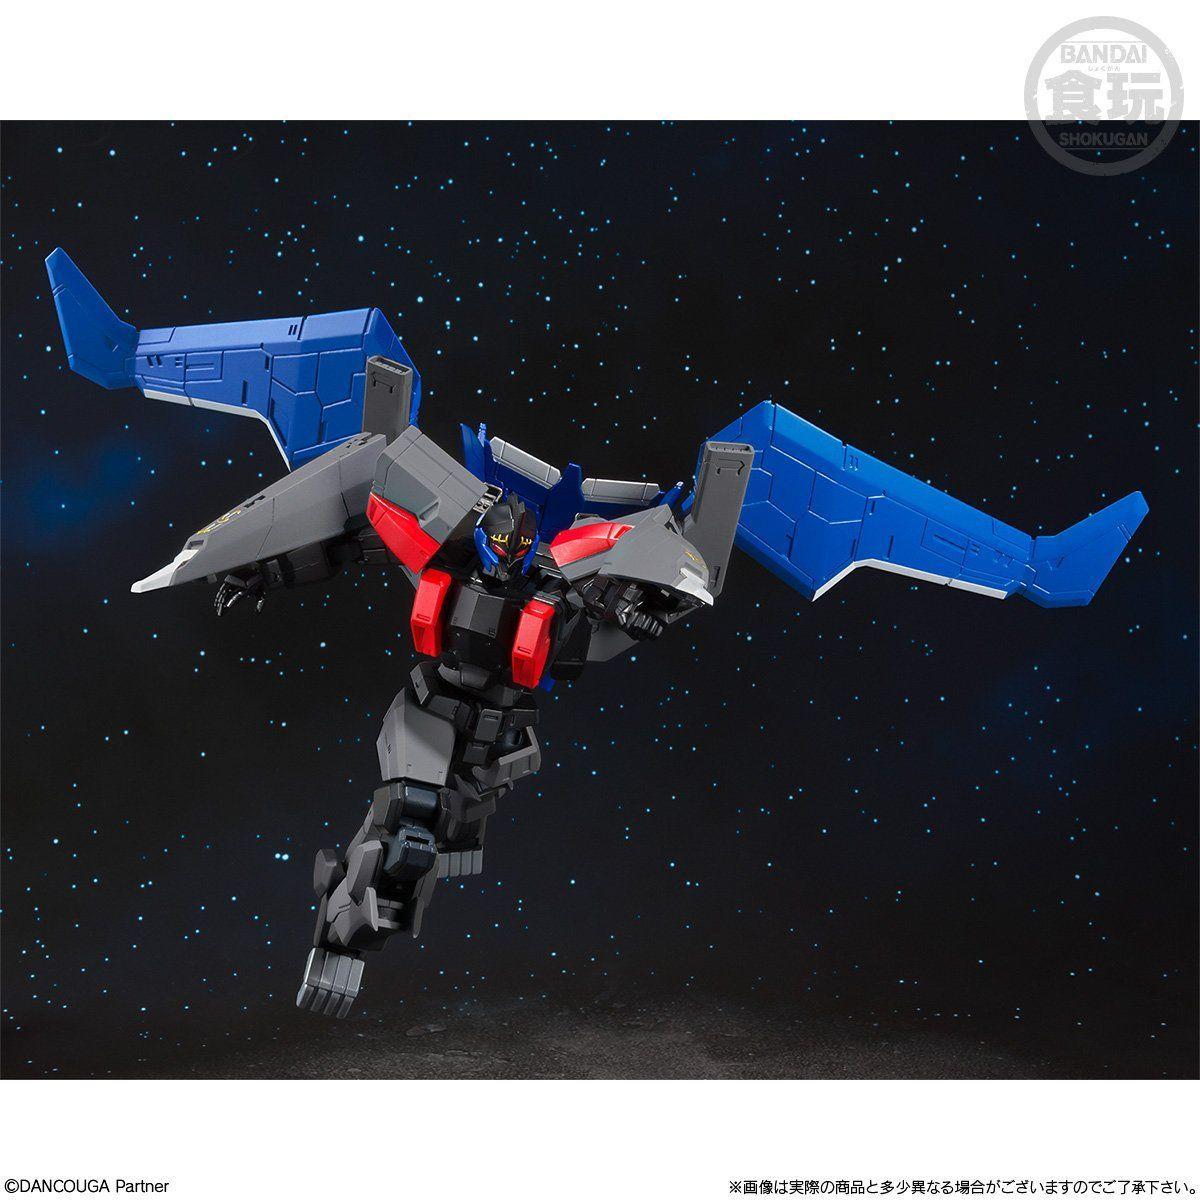 【限定販売】【食玩】スーパーミニプラ『ブラックウイング』超獣機神ダンクーガ  プラモデル-005